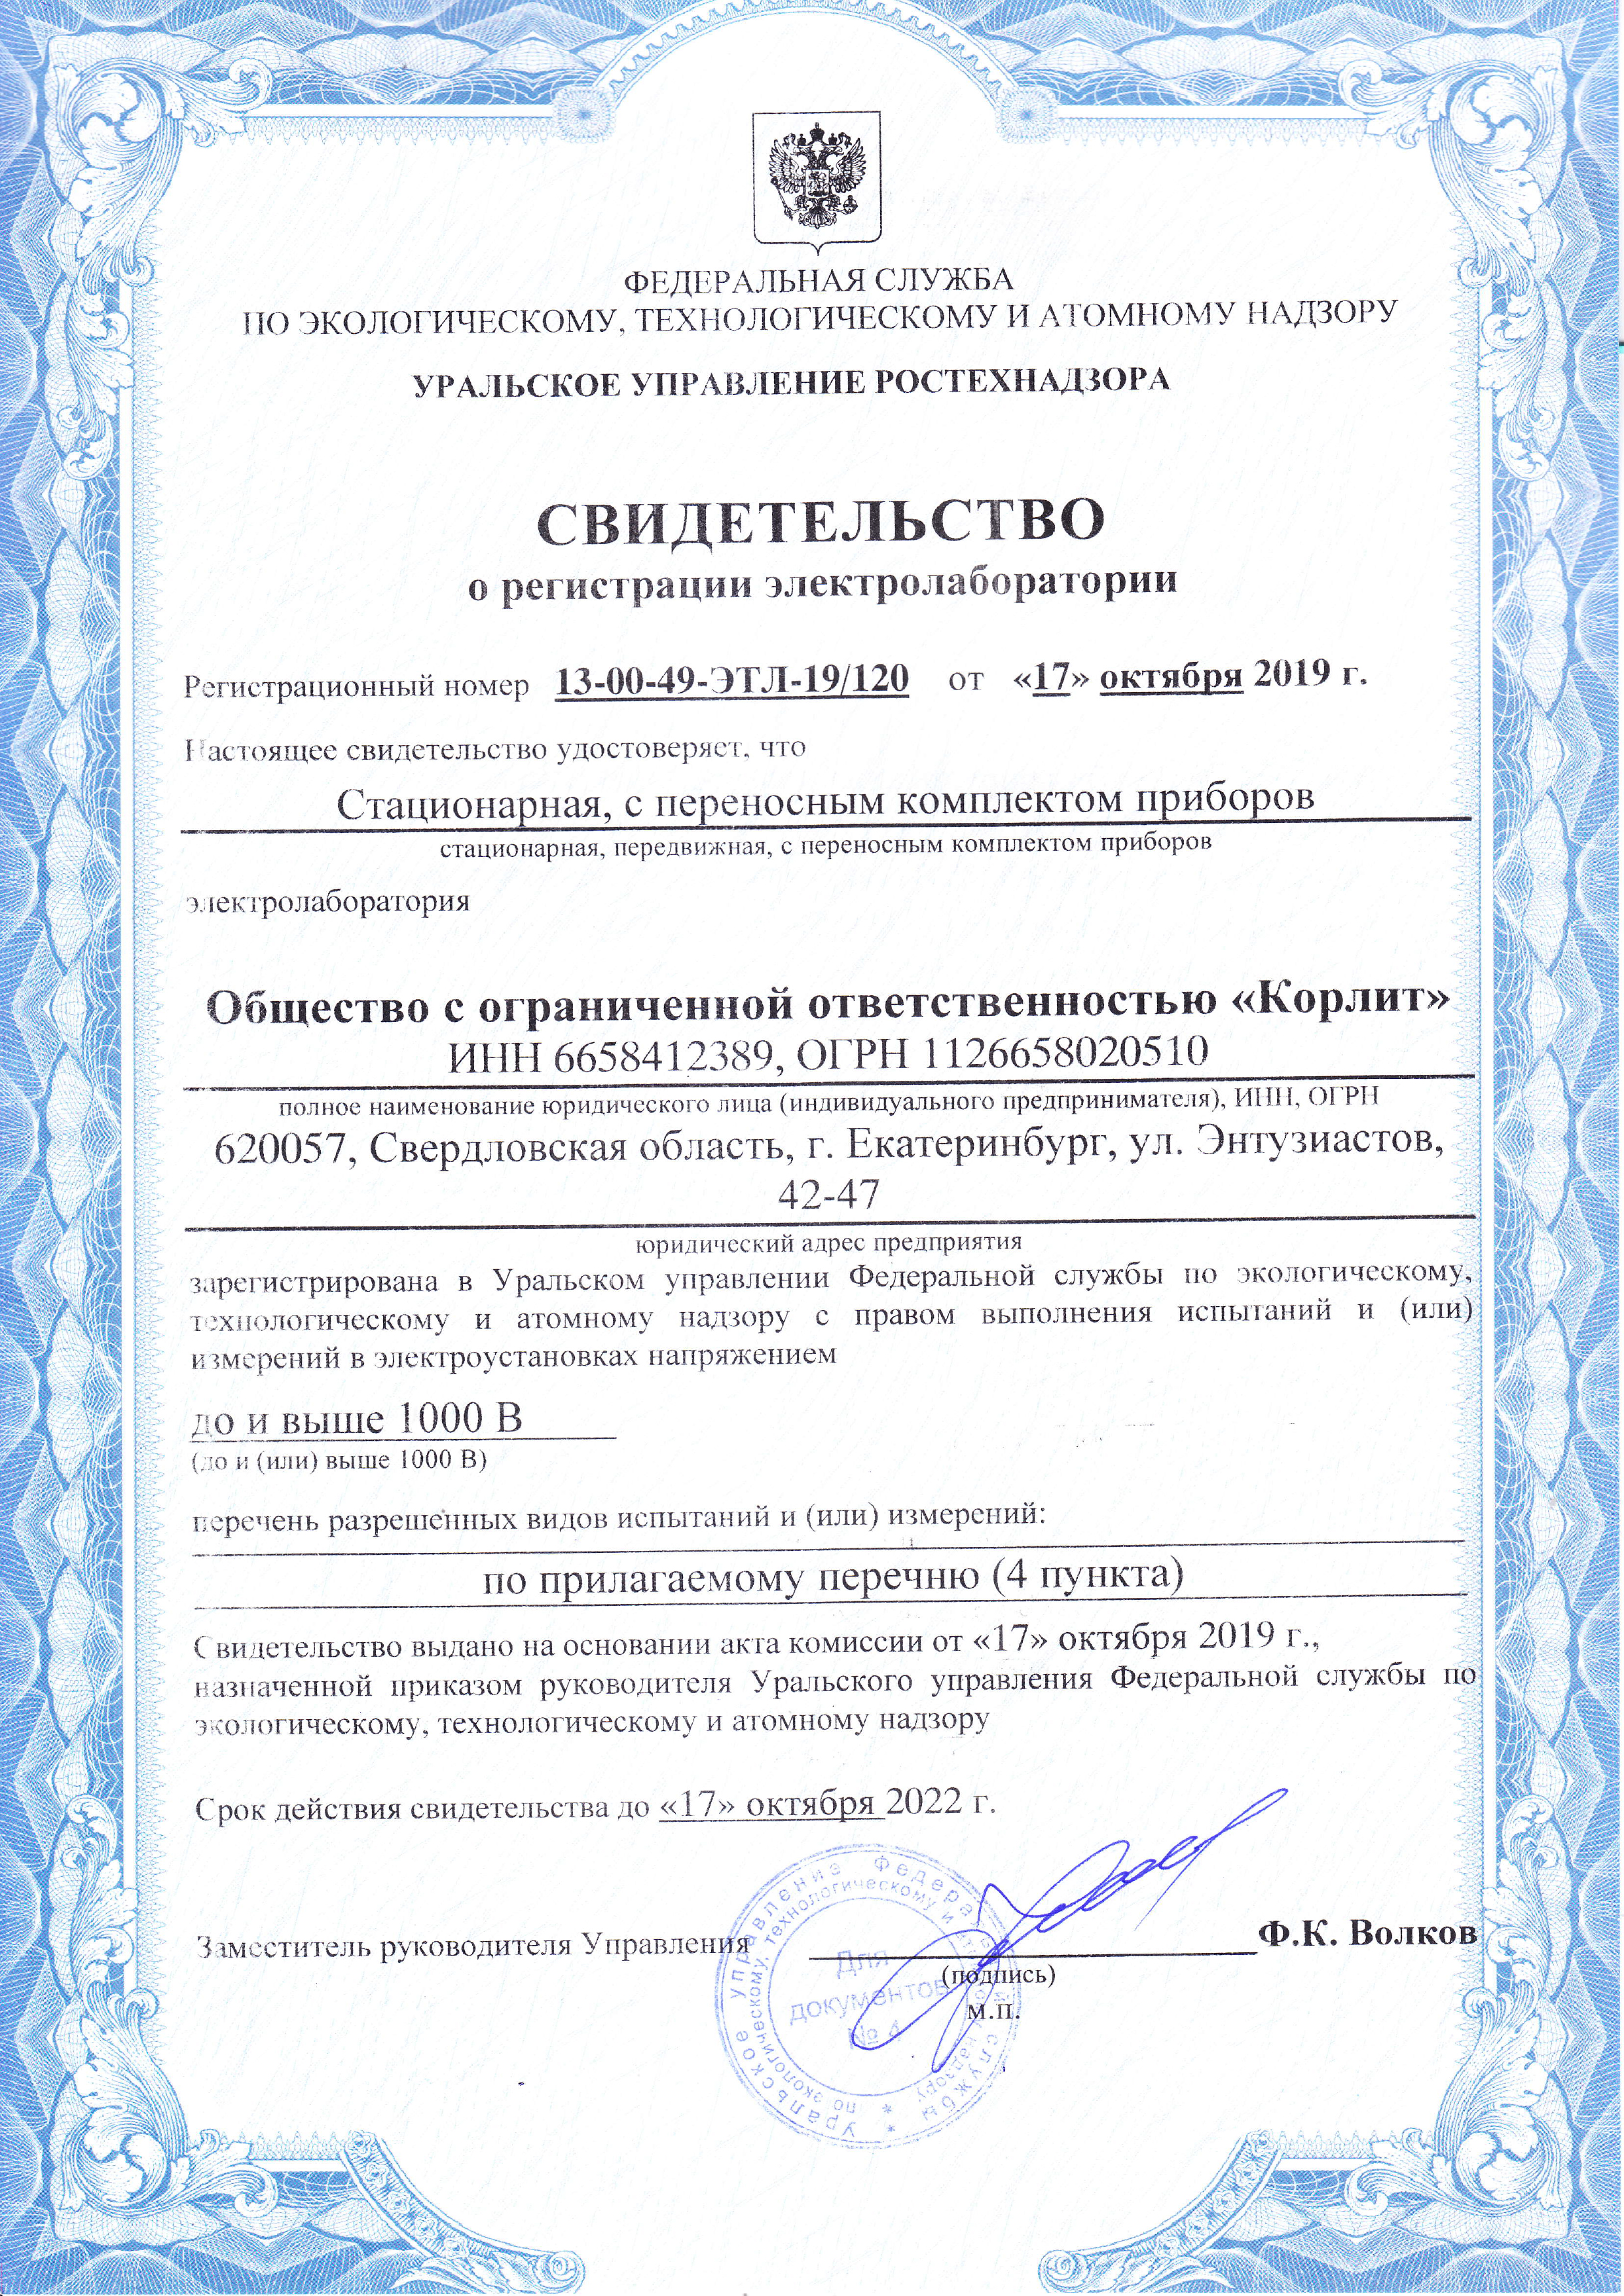 Свидетельство о регистрации лаборатории